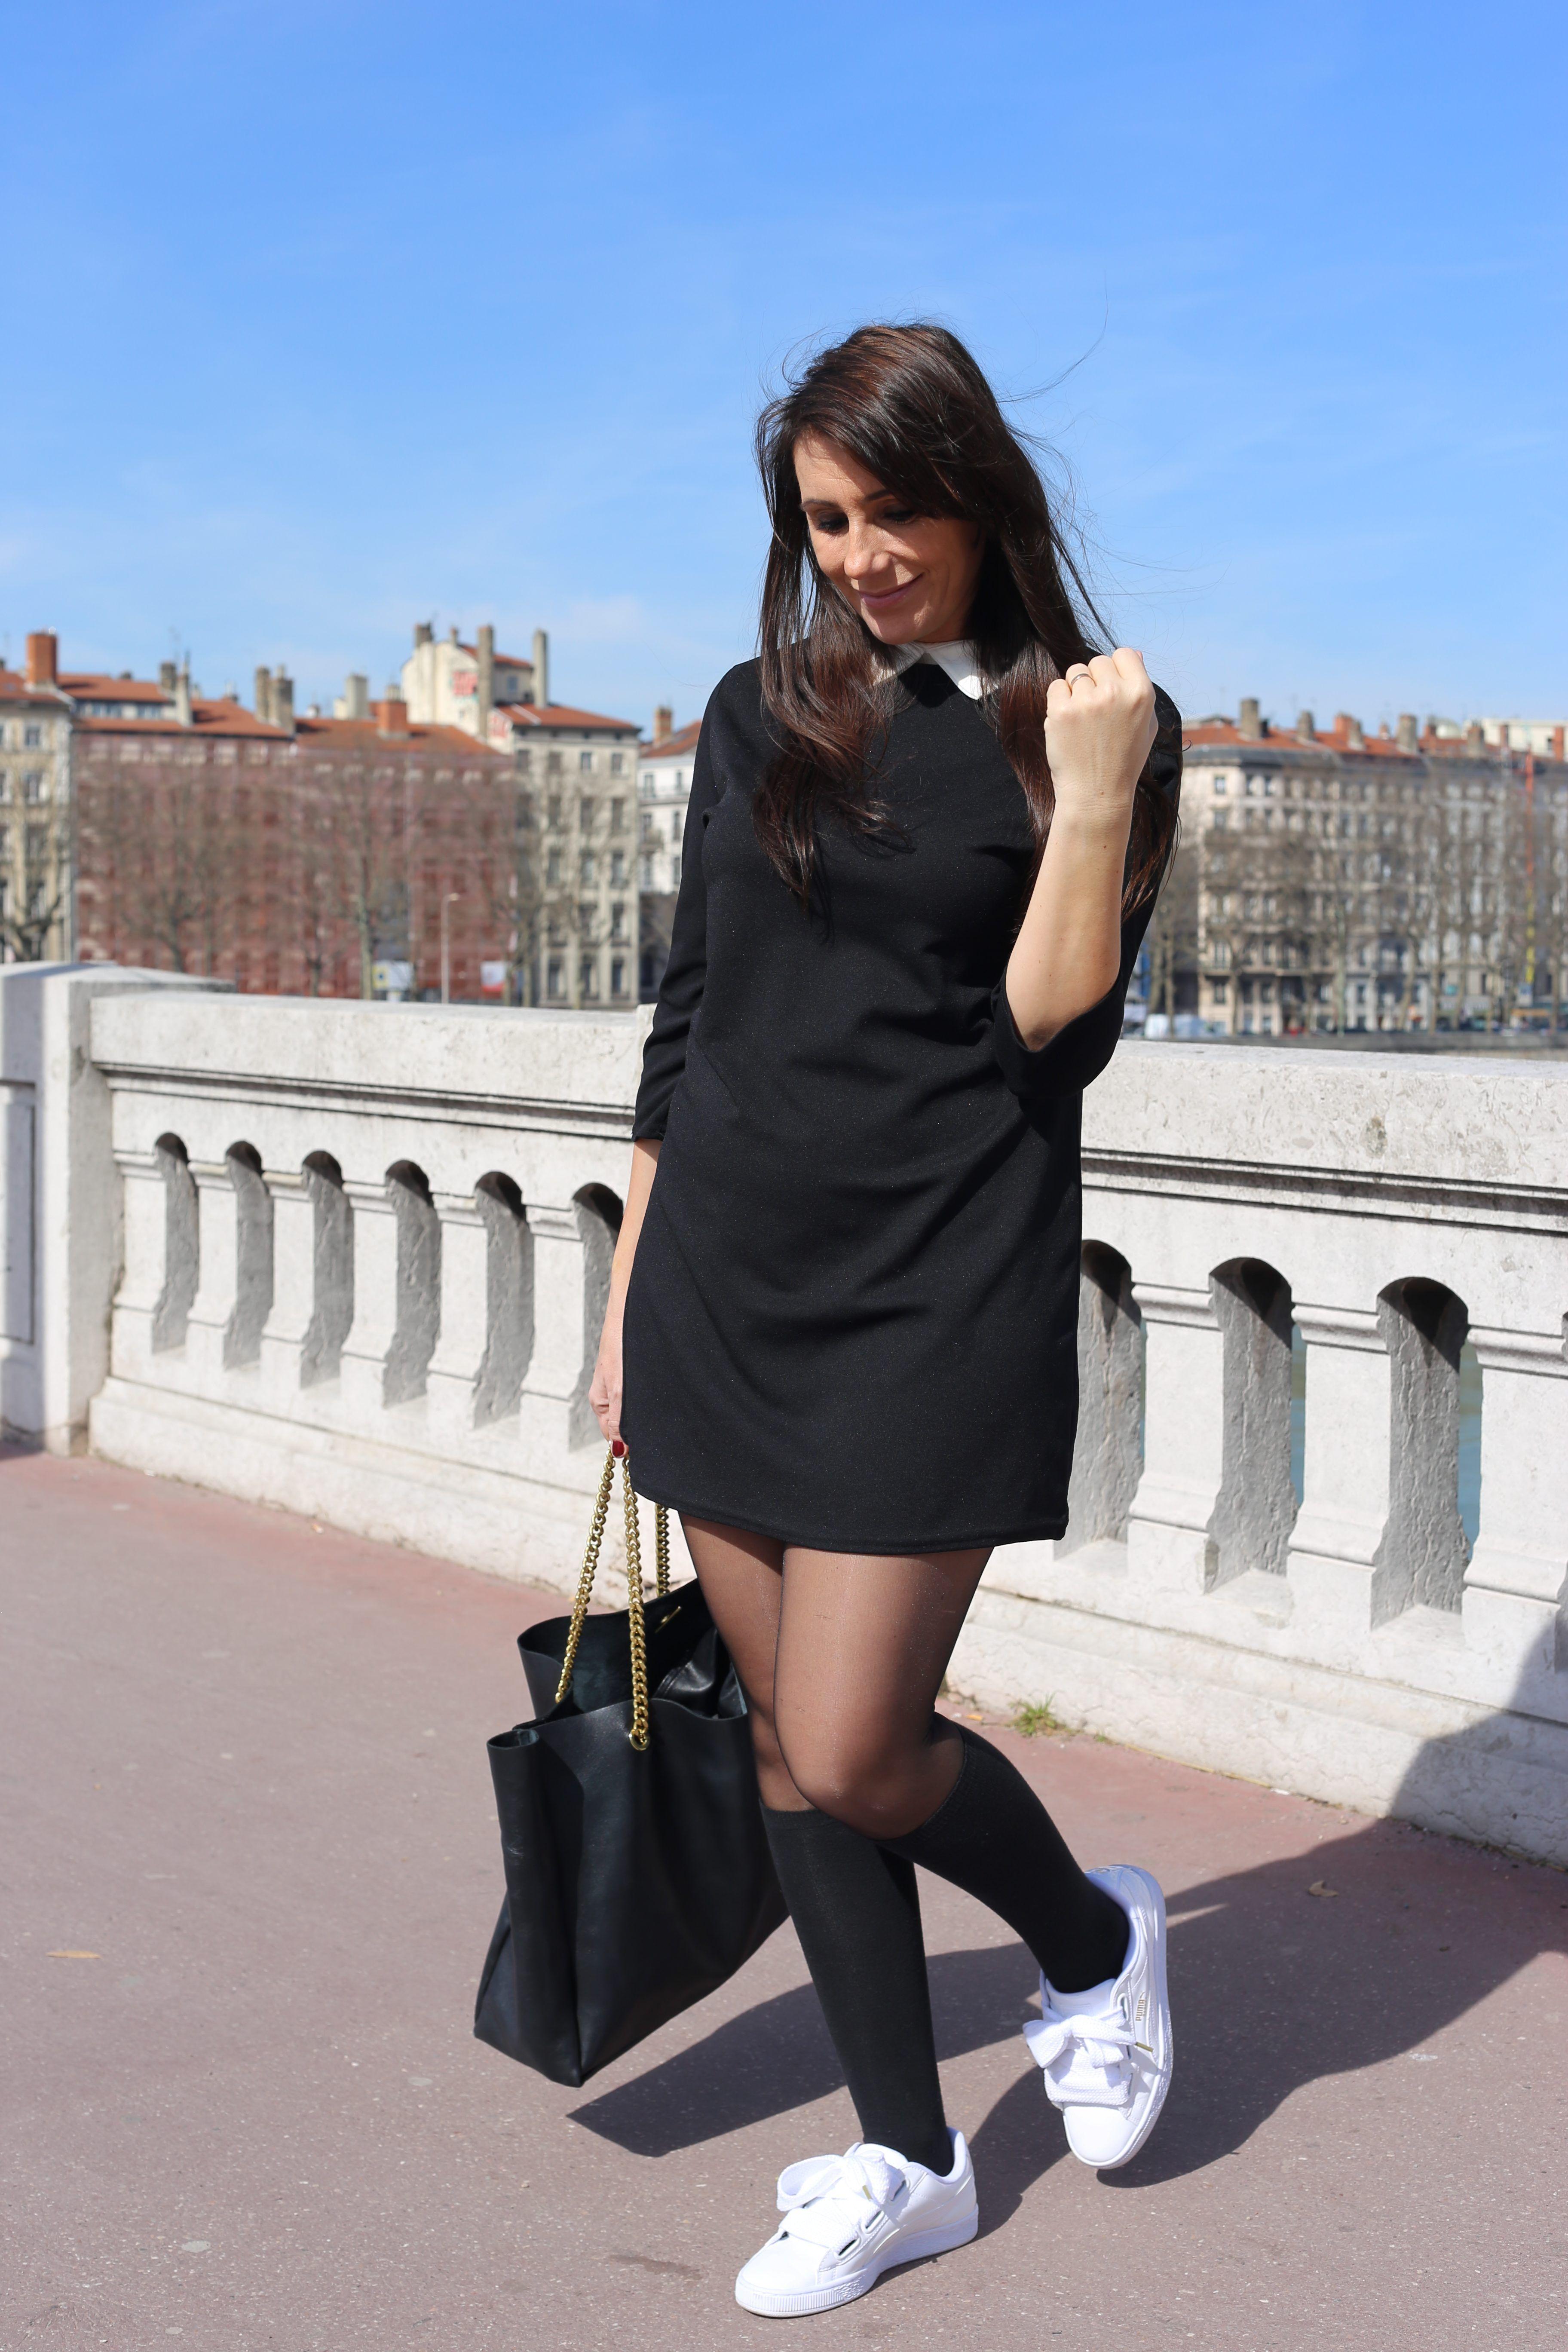 c444f6f61b4 La  tendance du moment   La petite  robe noire  col  claudine blanc !  Poussine l a shoppé chez  babou pour 14€